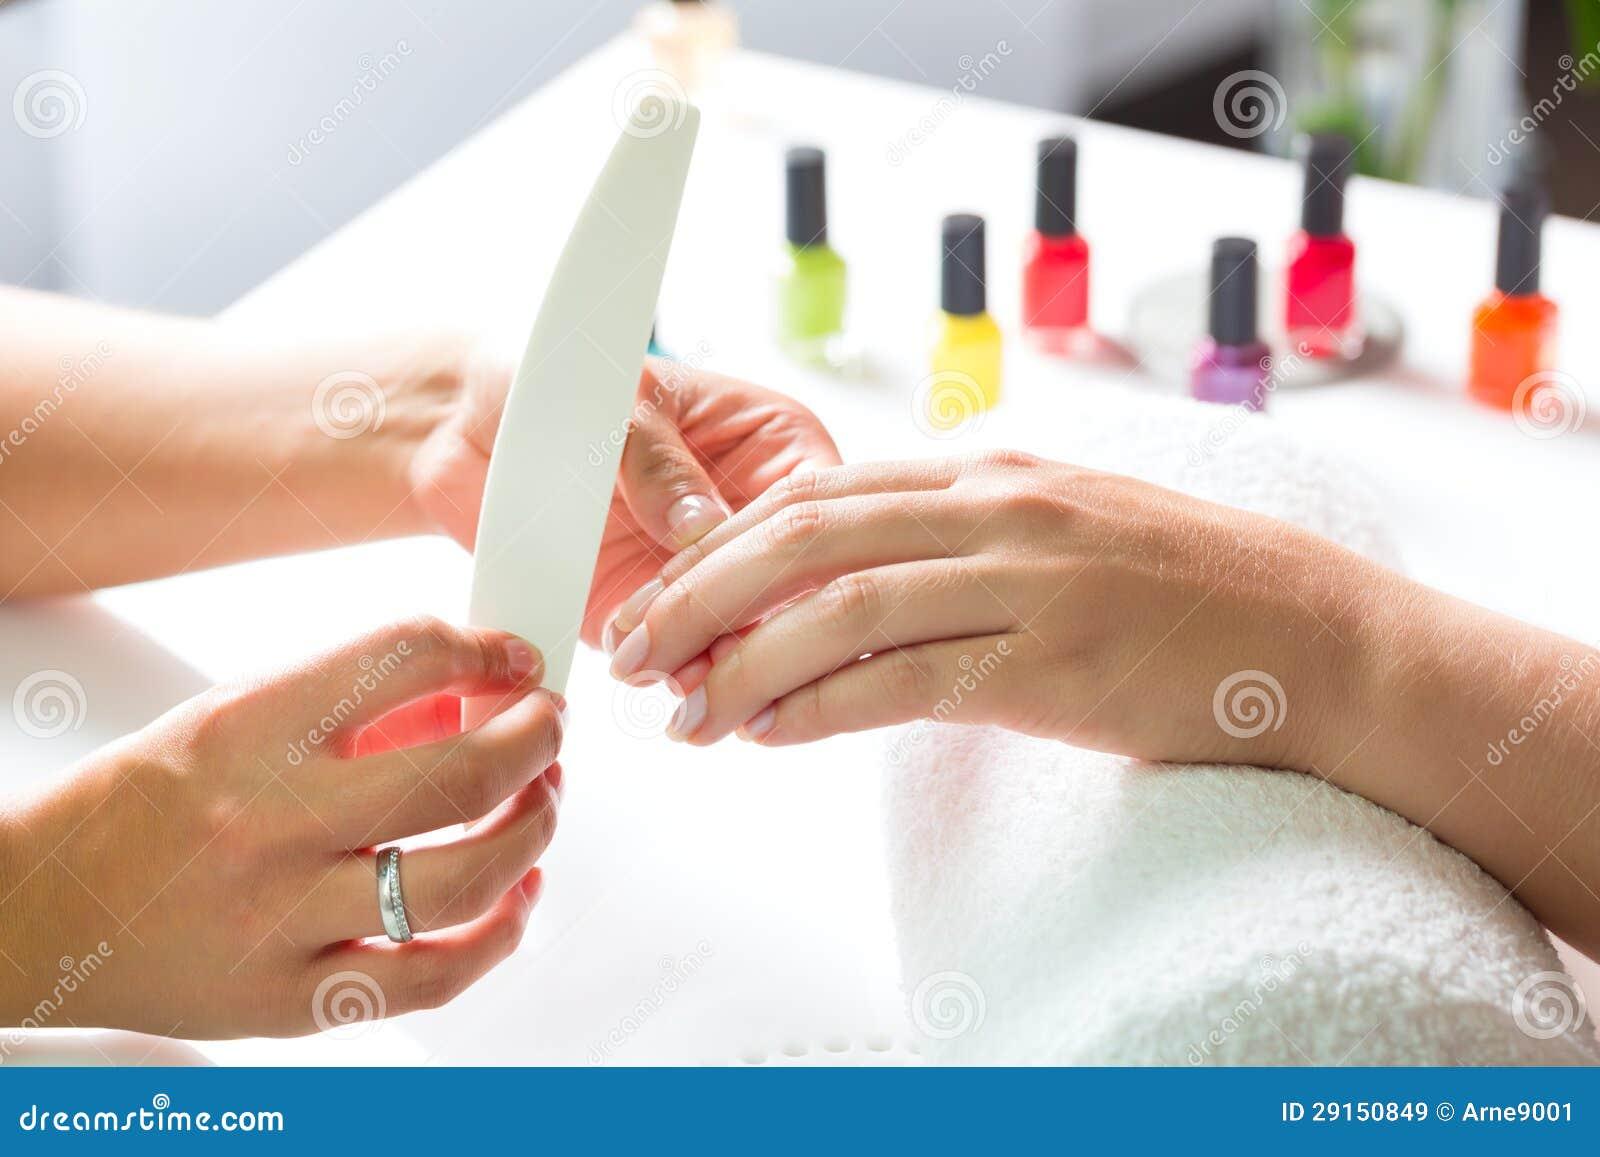 Femme dans le salon d 39 ongle recevant la manucure images for Salon de manucure